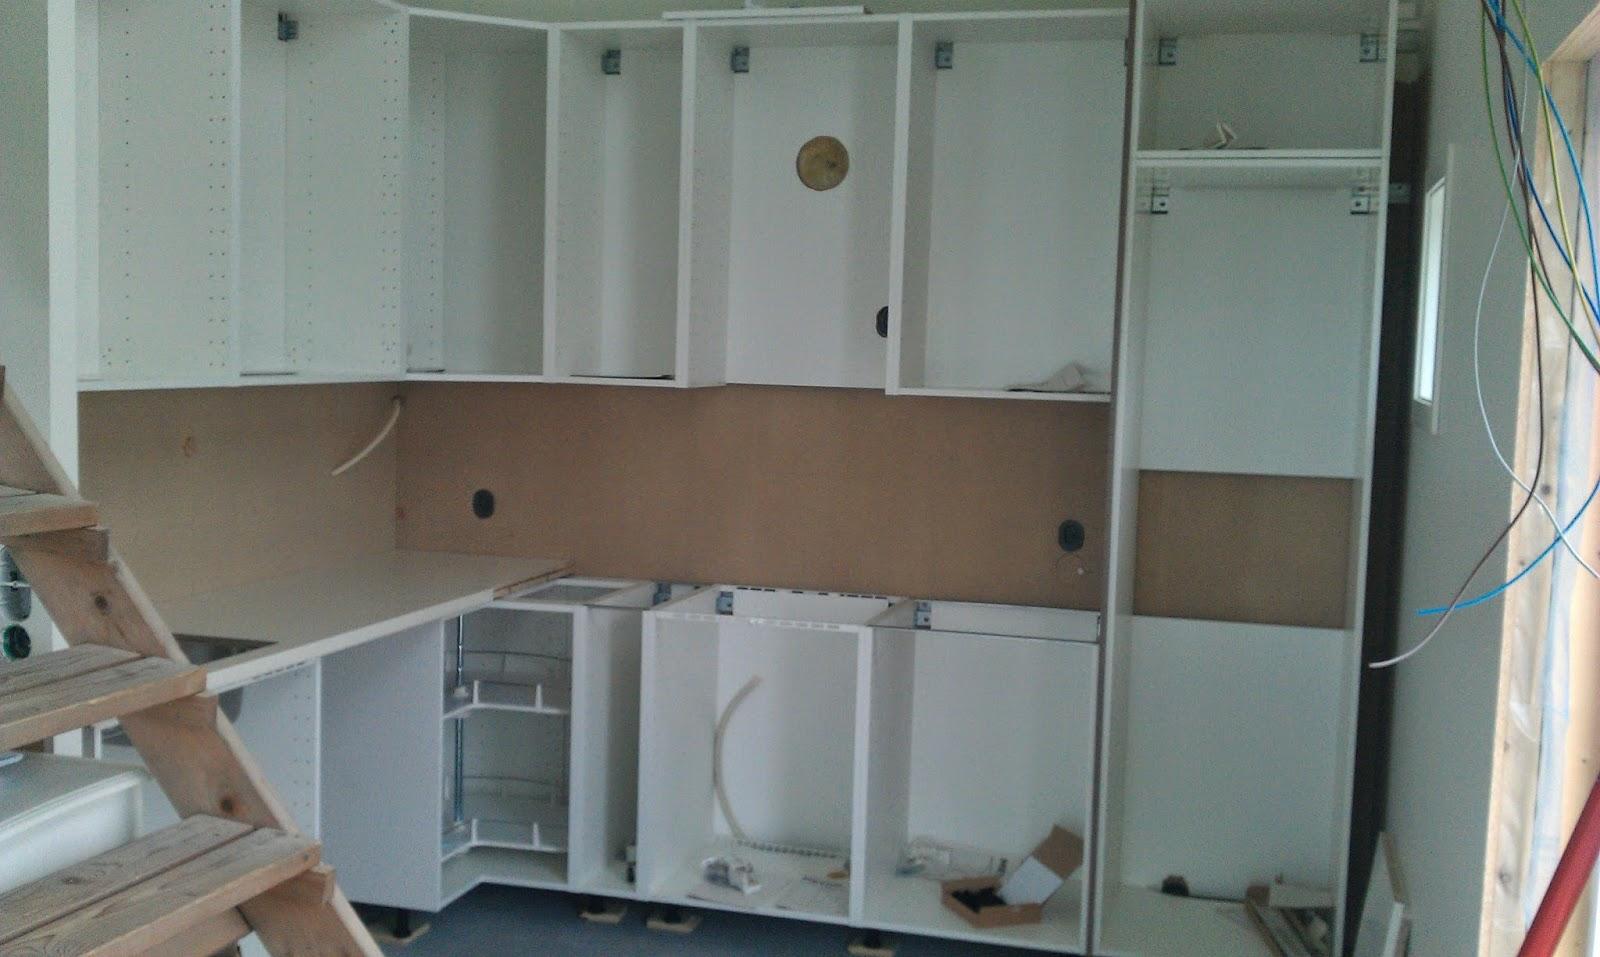 vi bygger hytte p ytre hoem fr na noen skritt videre montering av kj kkeninnredning. Black Bedroom Furniture Sets. Home Design Ideas